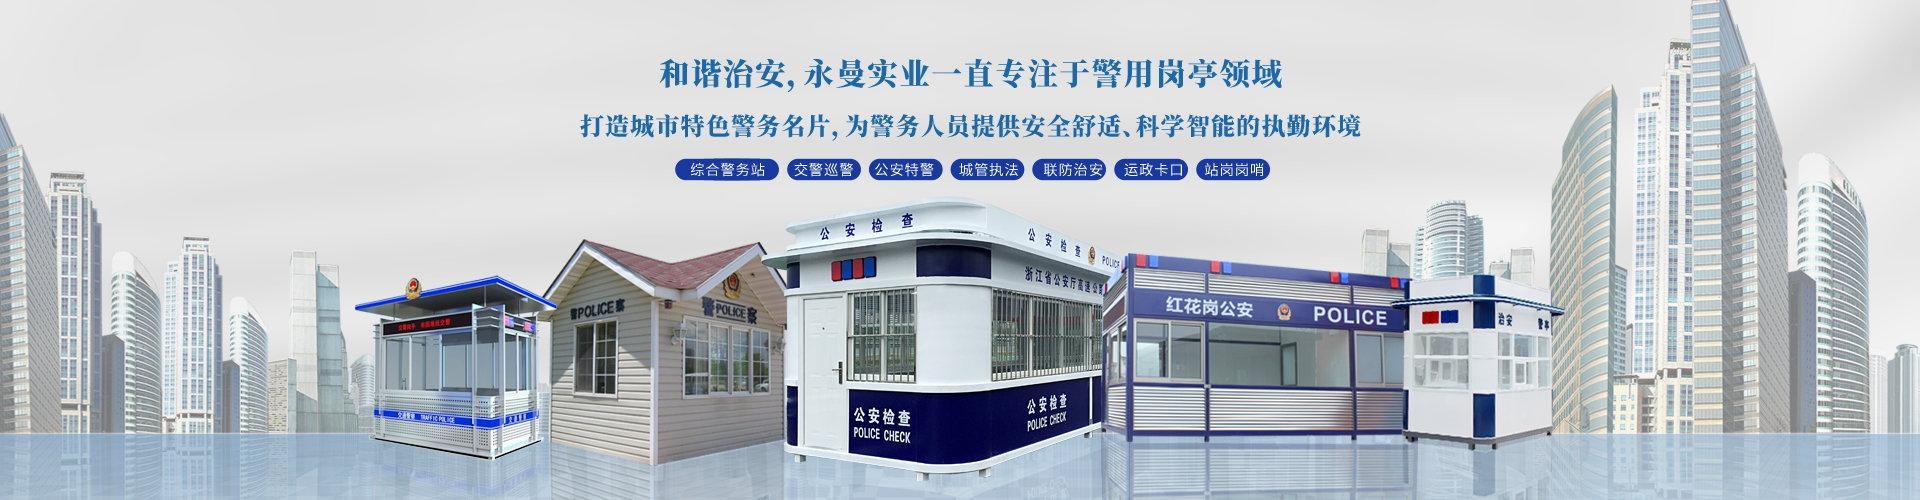 泗州戏上海治安岗亭厂家